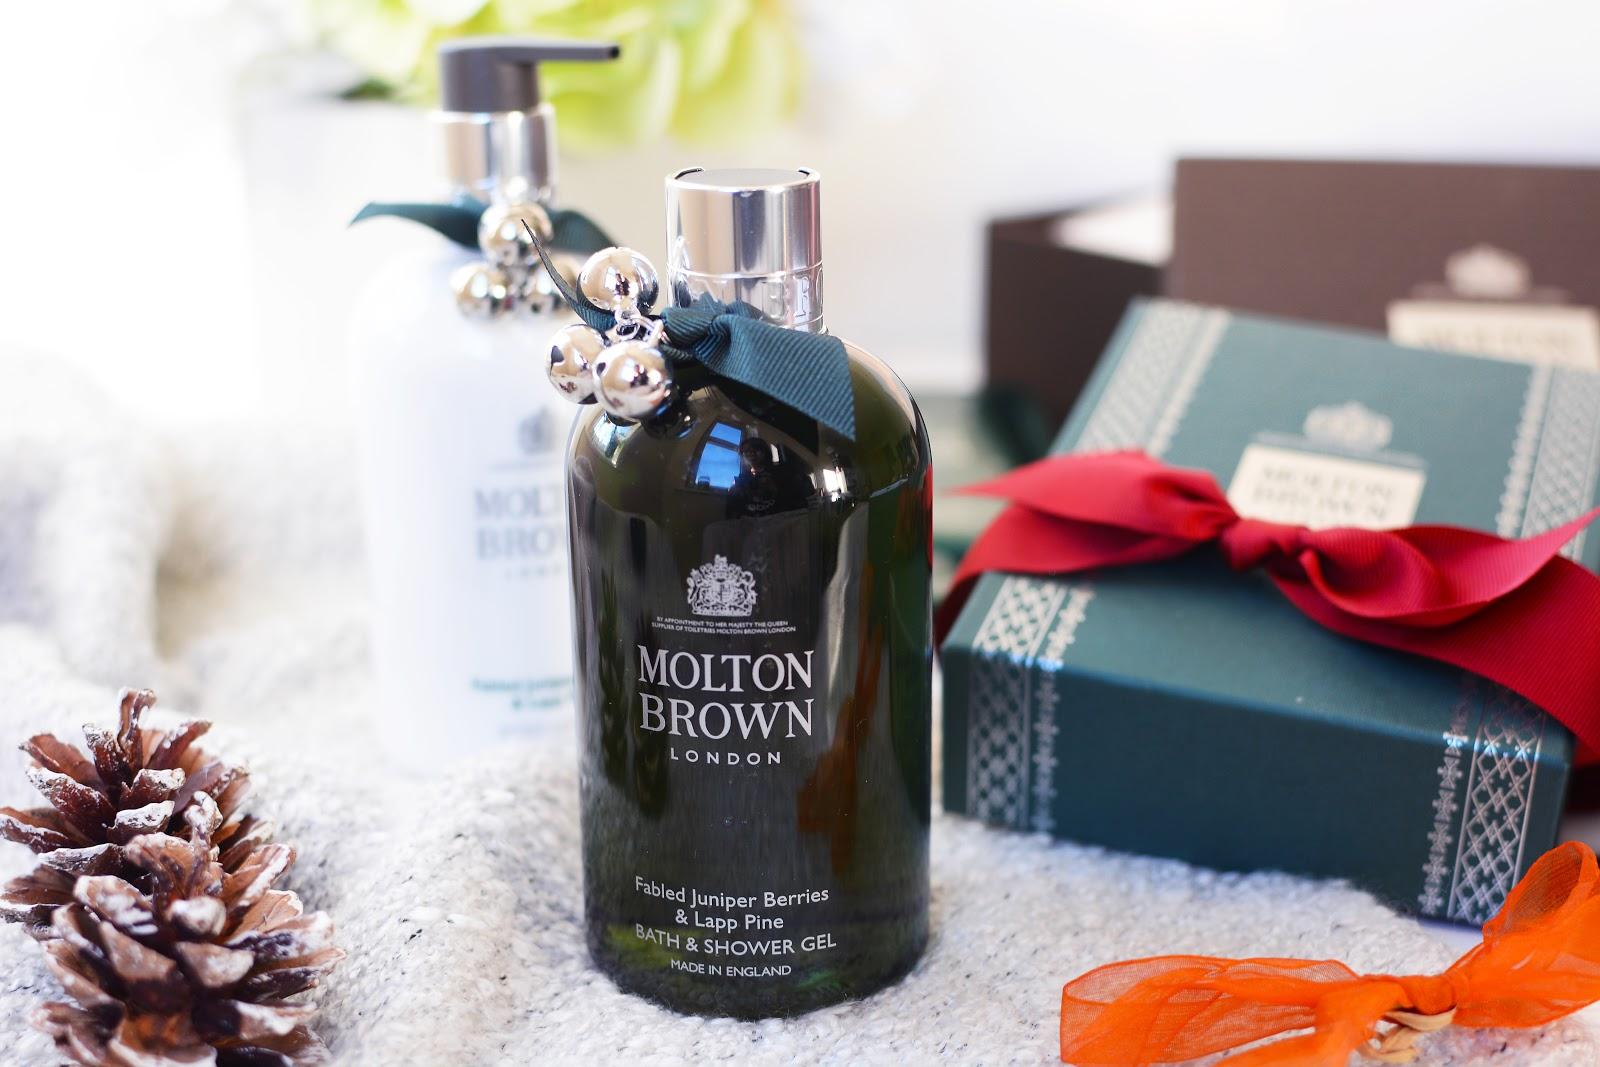 Molton Brown Fabled Juniper Berries & Lapp Pine